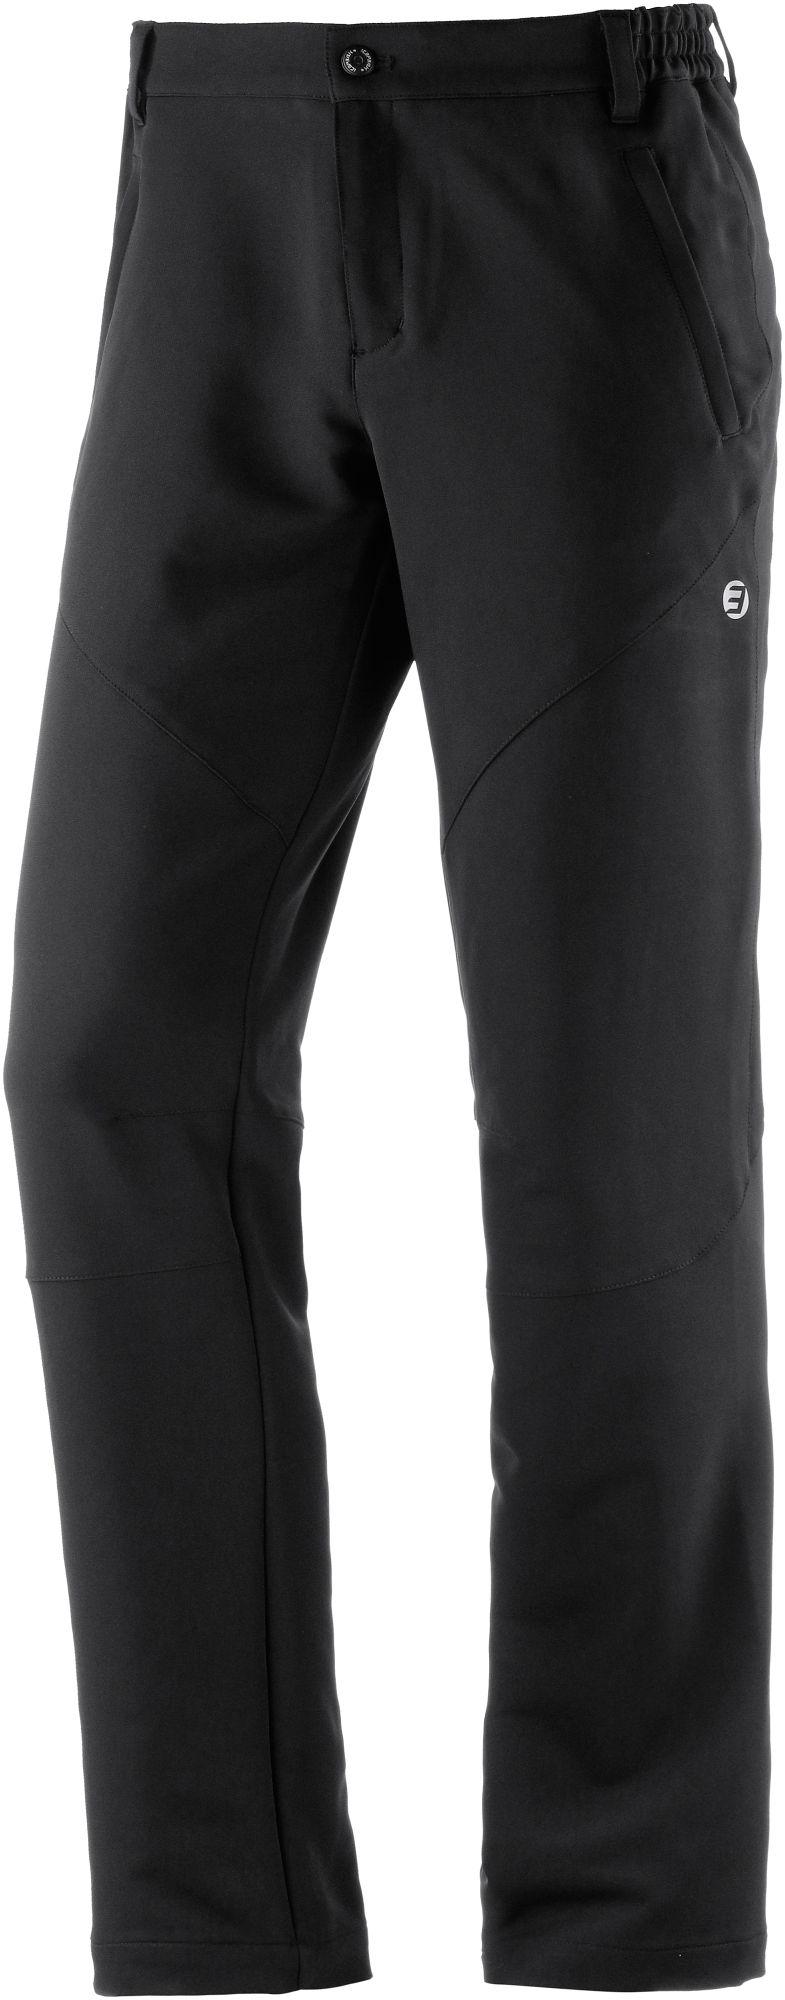 Loki Softshellhose Herren in schwarz, Größe 48